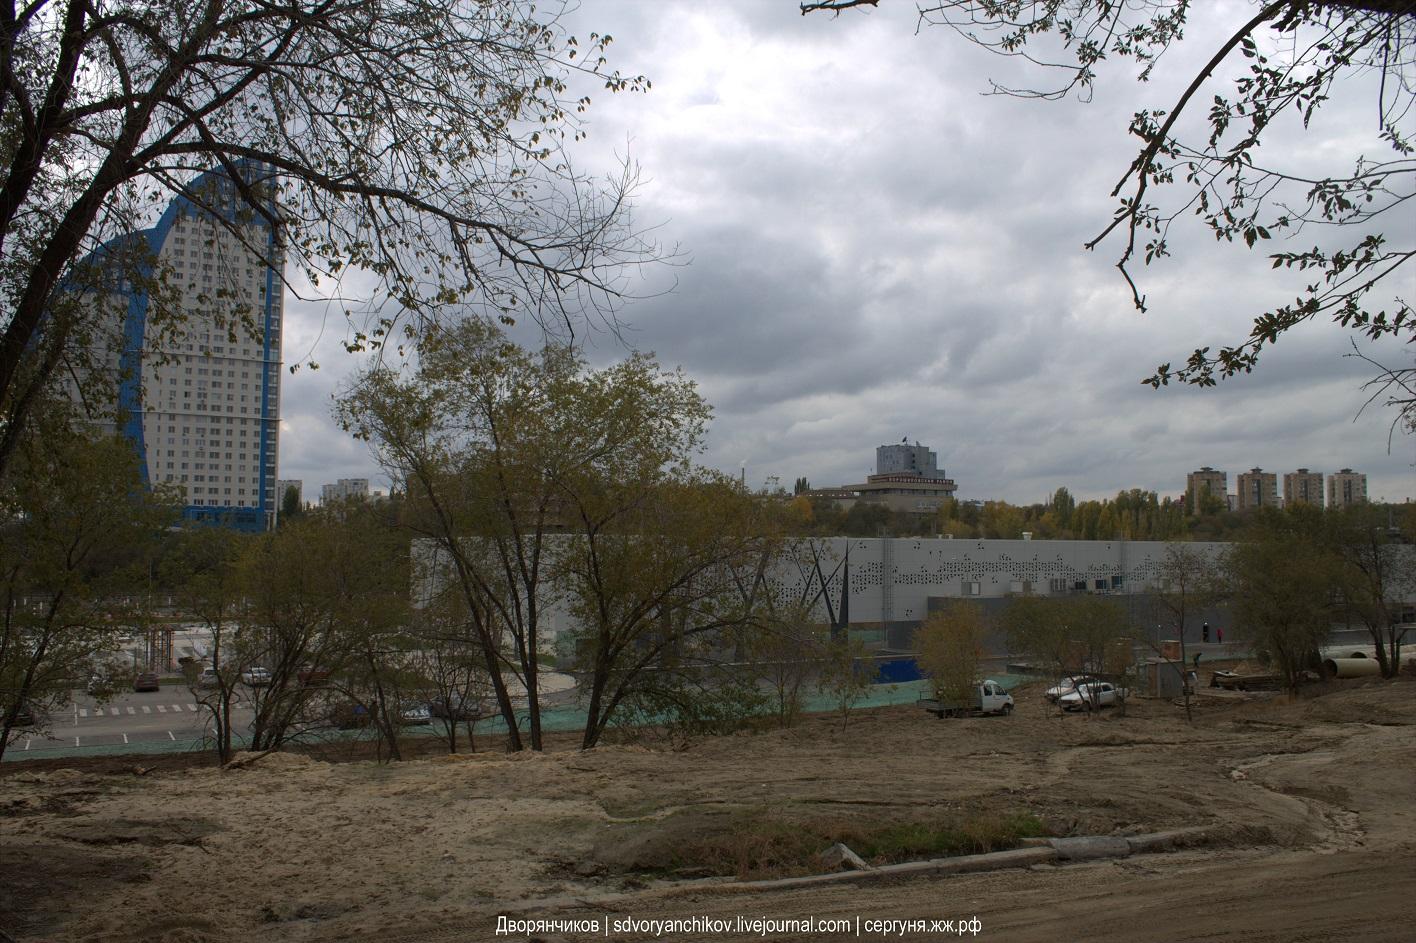 Волгоград - музей Россия - моя история - 24-10-2017